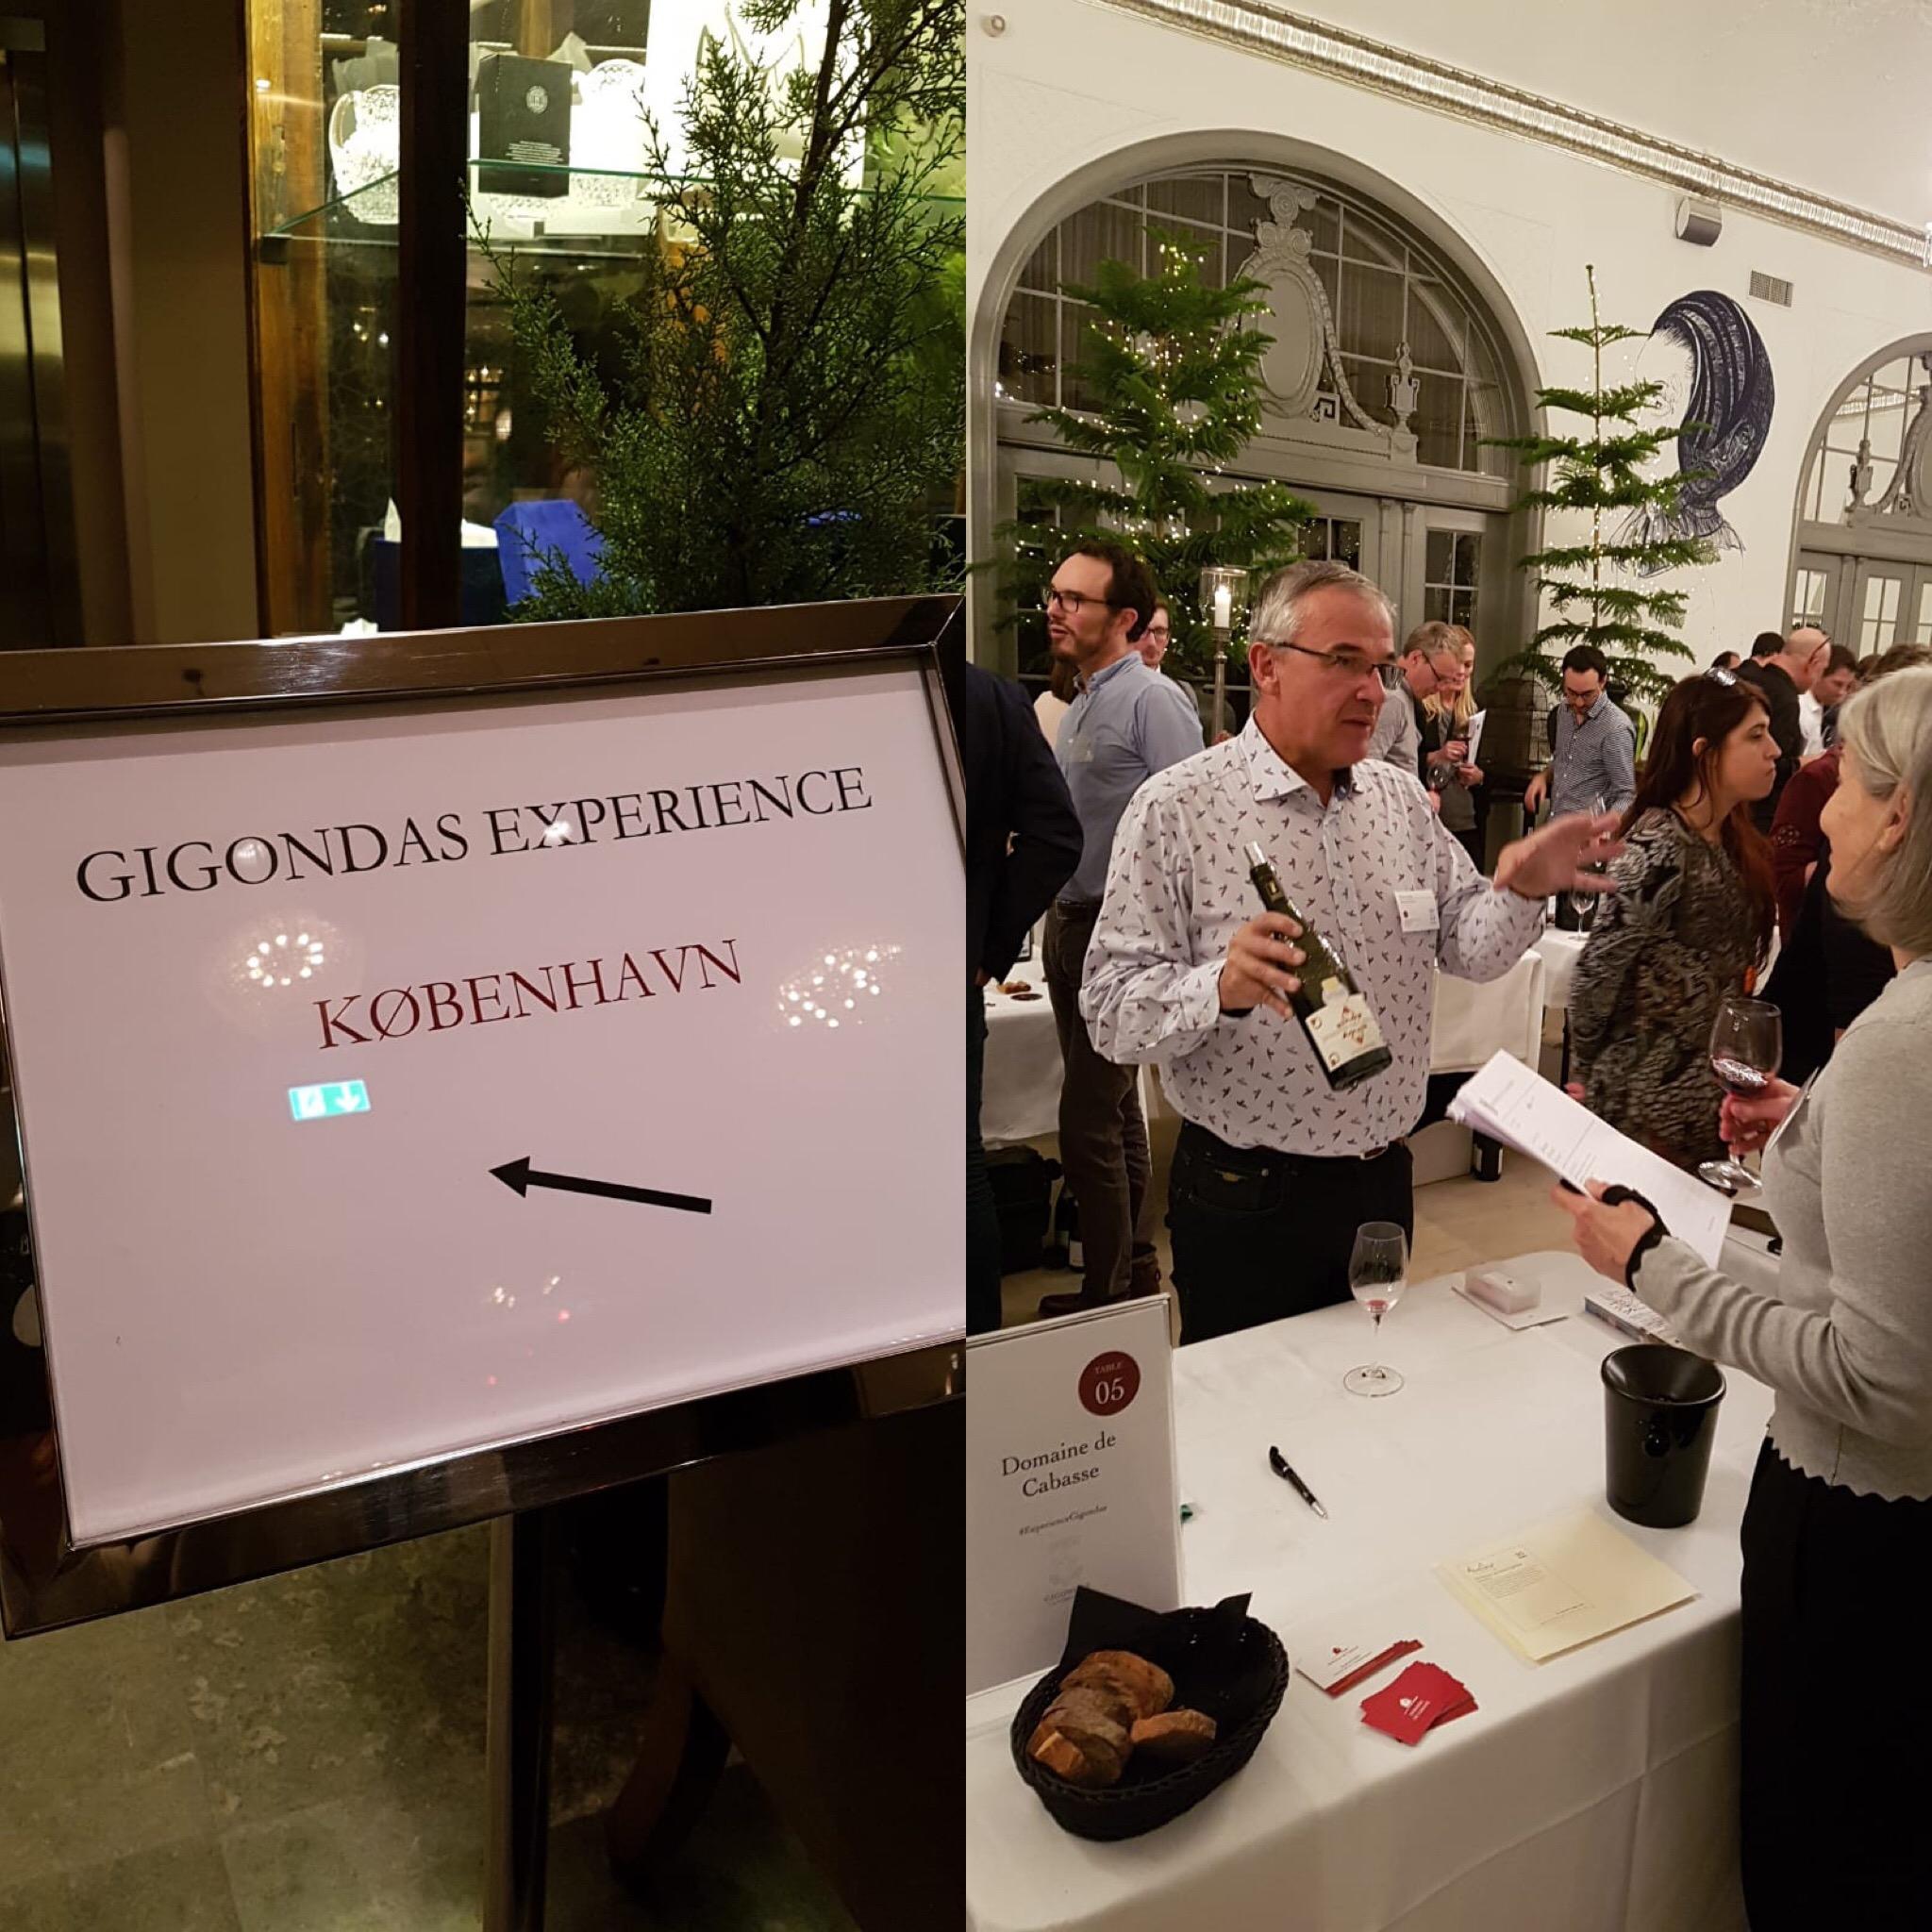 Prestigeträchtiger Betrieb der Appellation Gigondas in Kopenhagen  #Wein